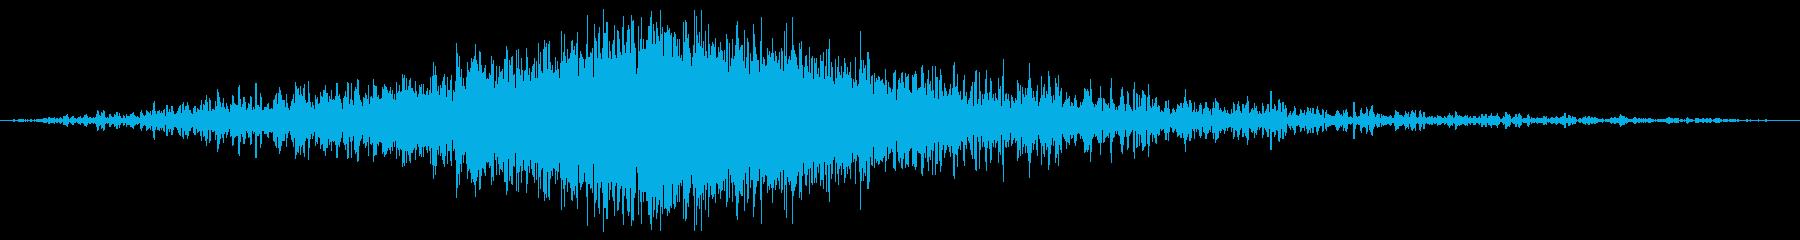 風切り音_(映画のタイトル表示音)の再生済みの波形